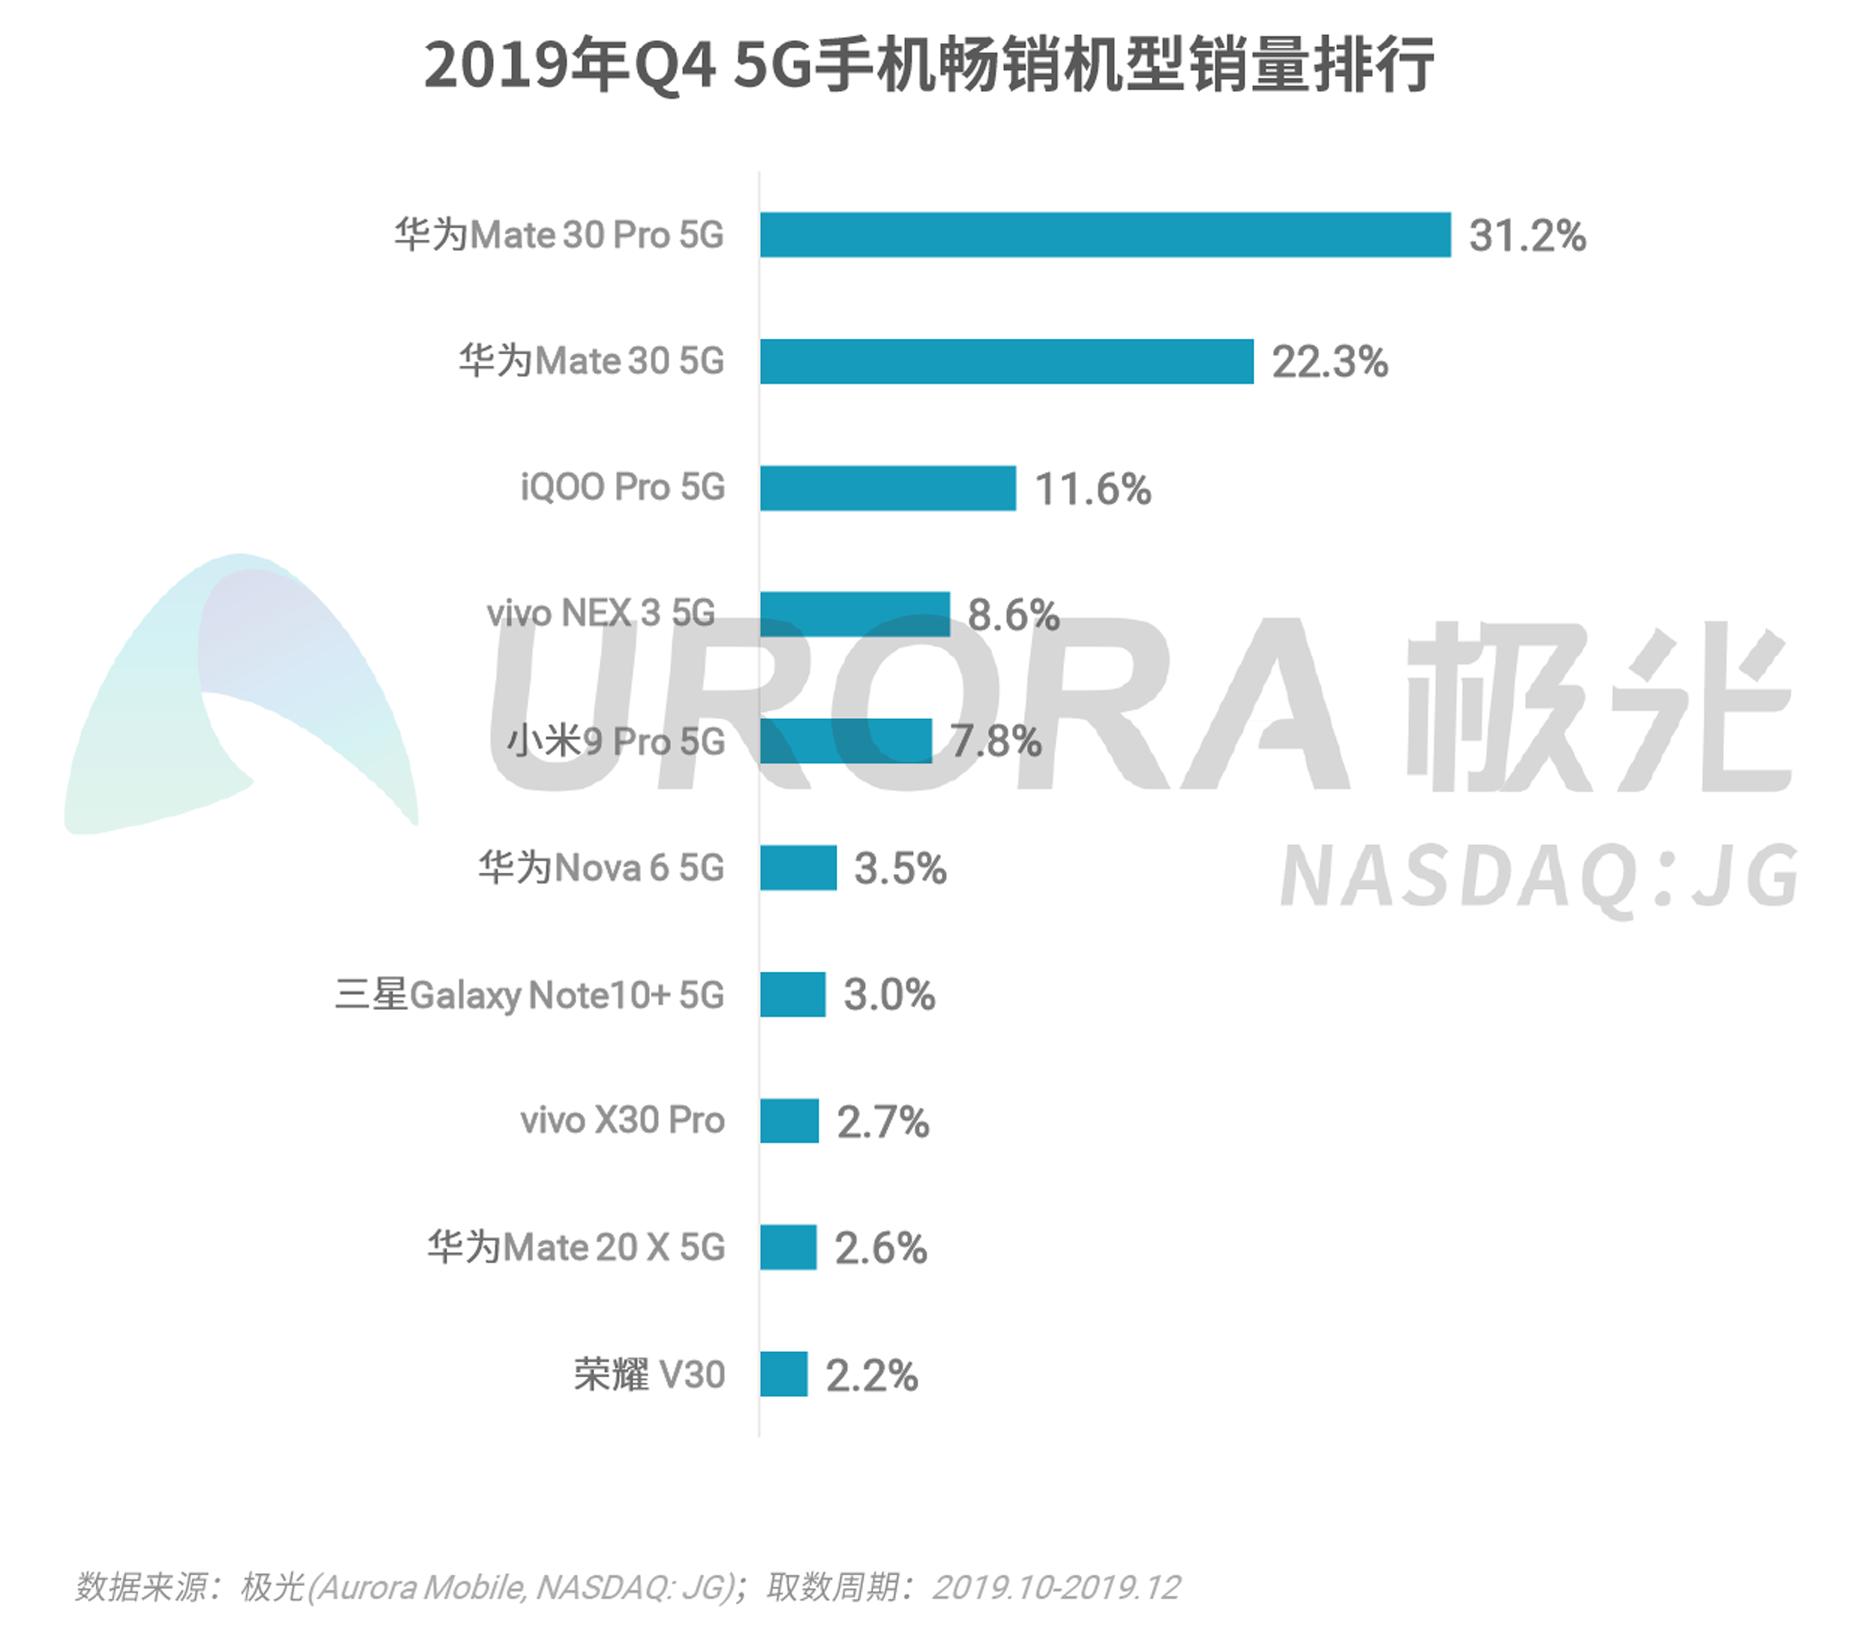 2019年Q4智能手机行业研究报告-V4---加粗版-10.png